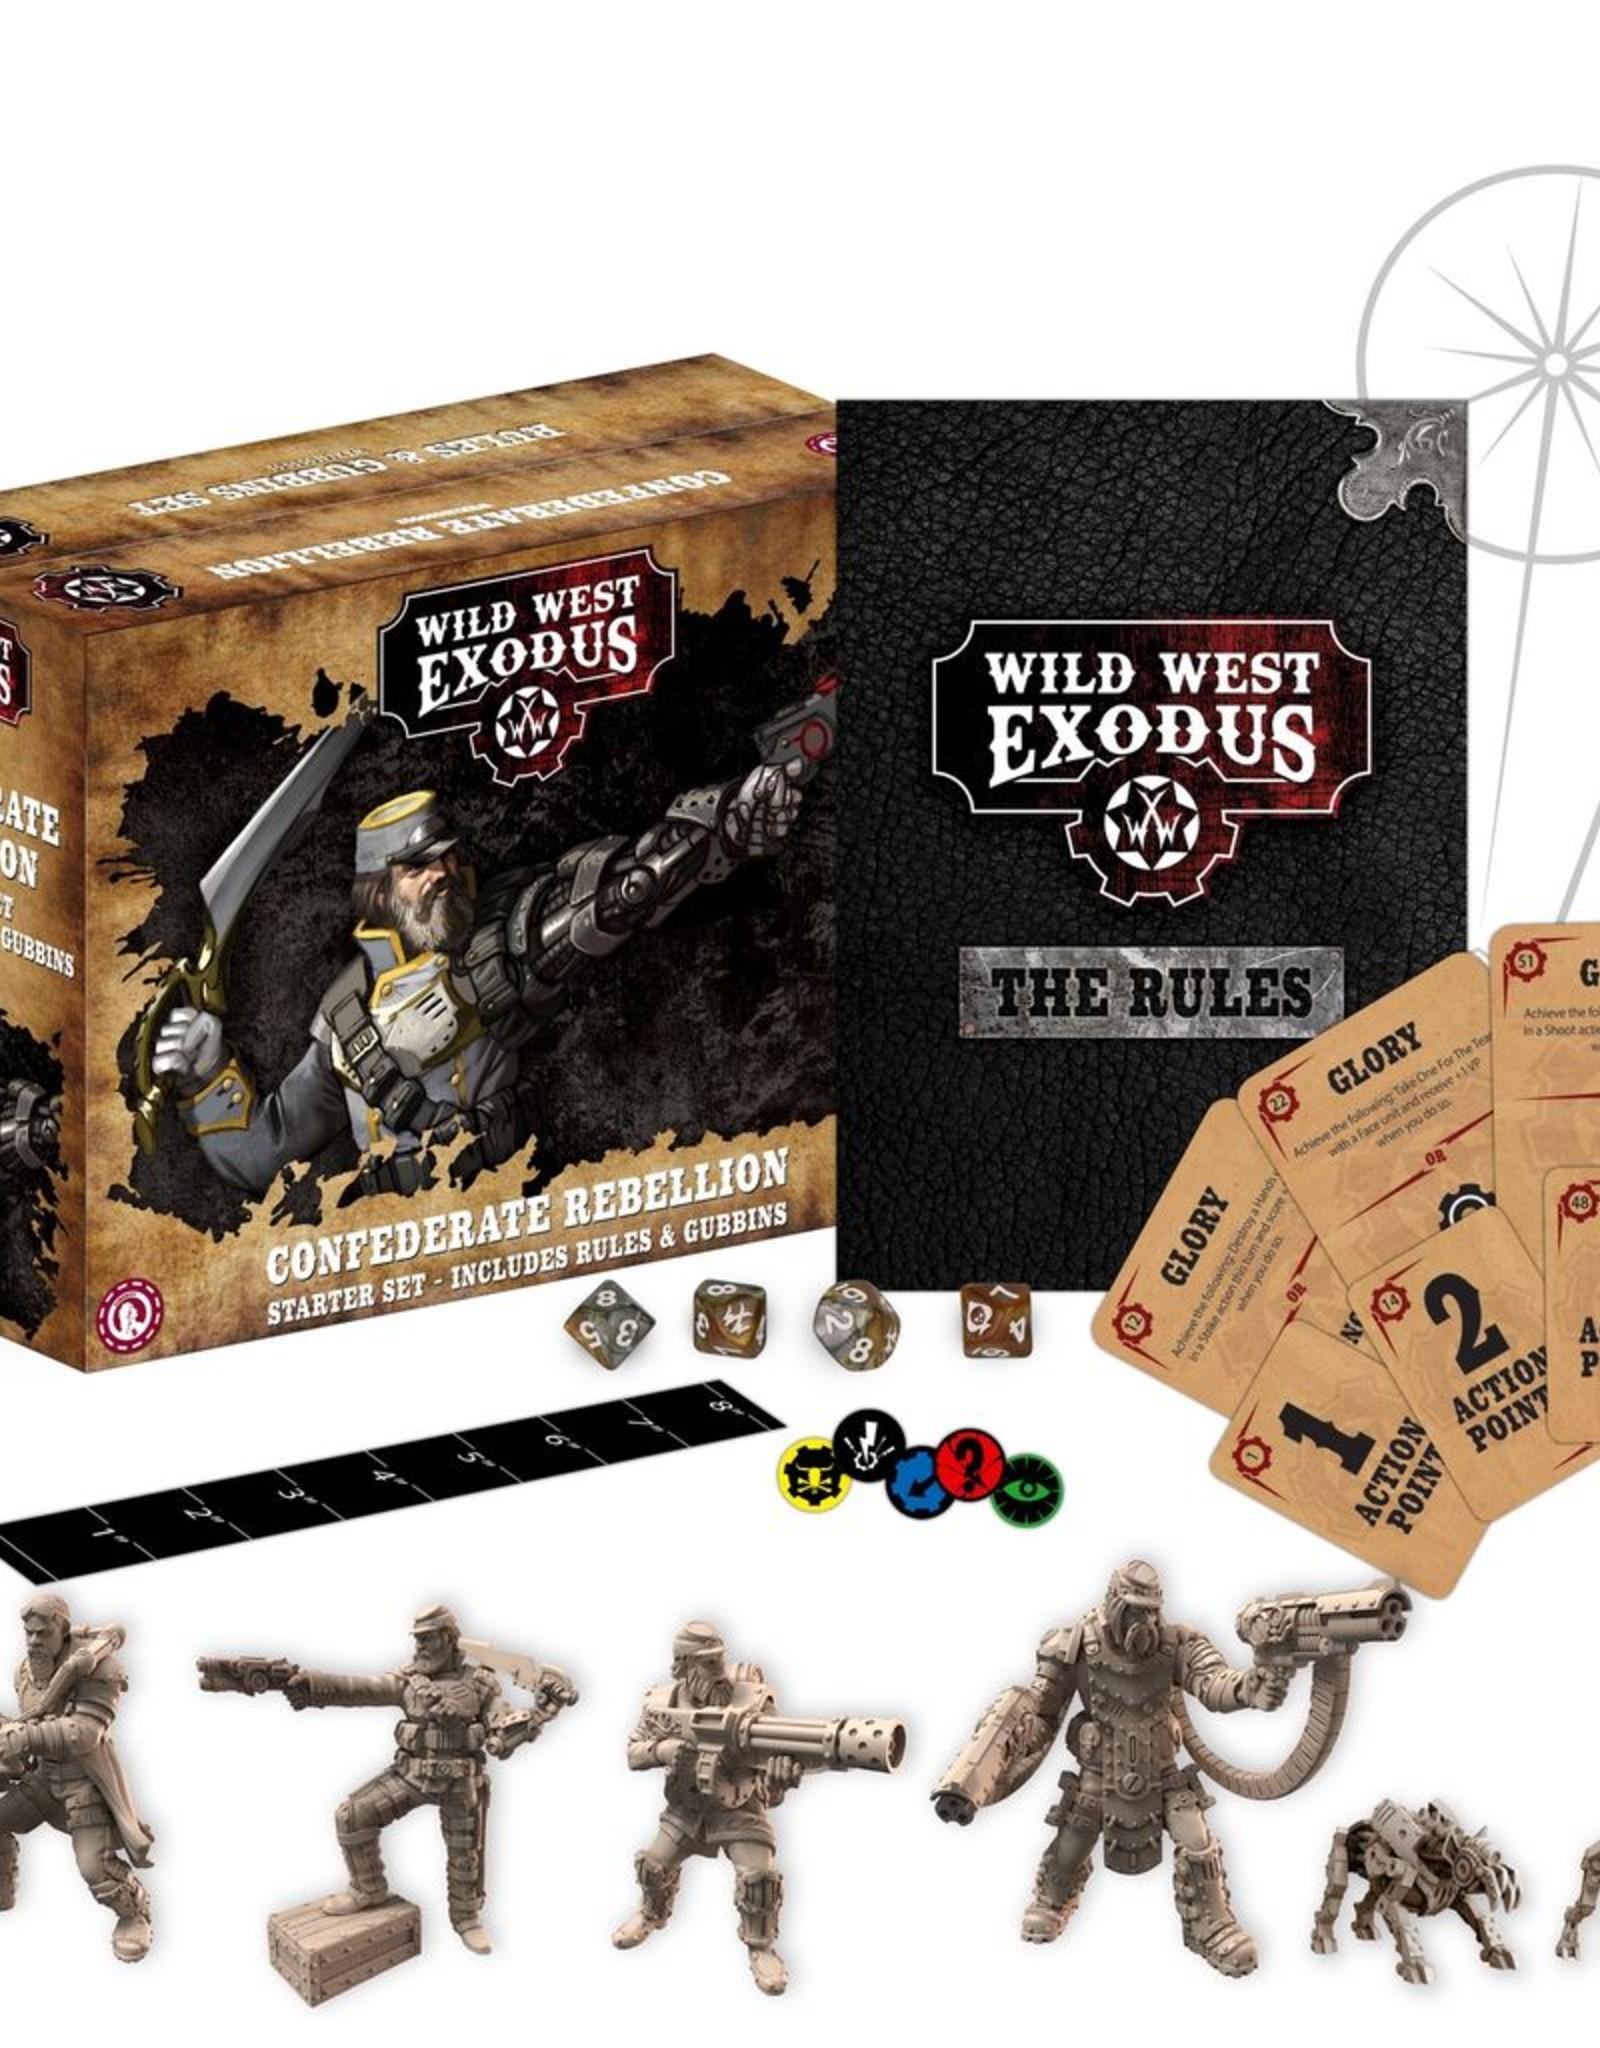 WEX - Wild West Exodus Miniaturen Confederate Rebellion Starter Set